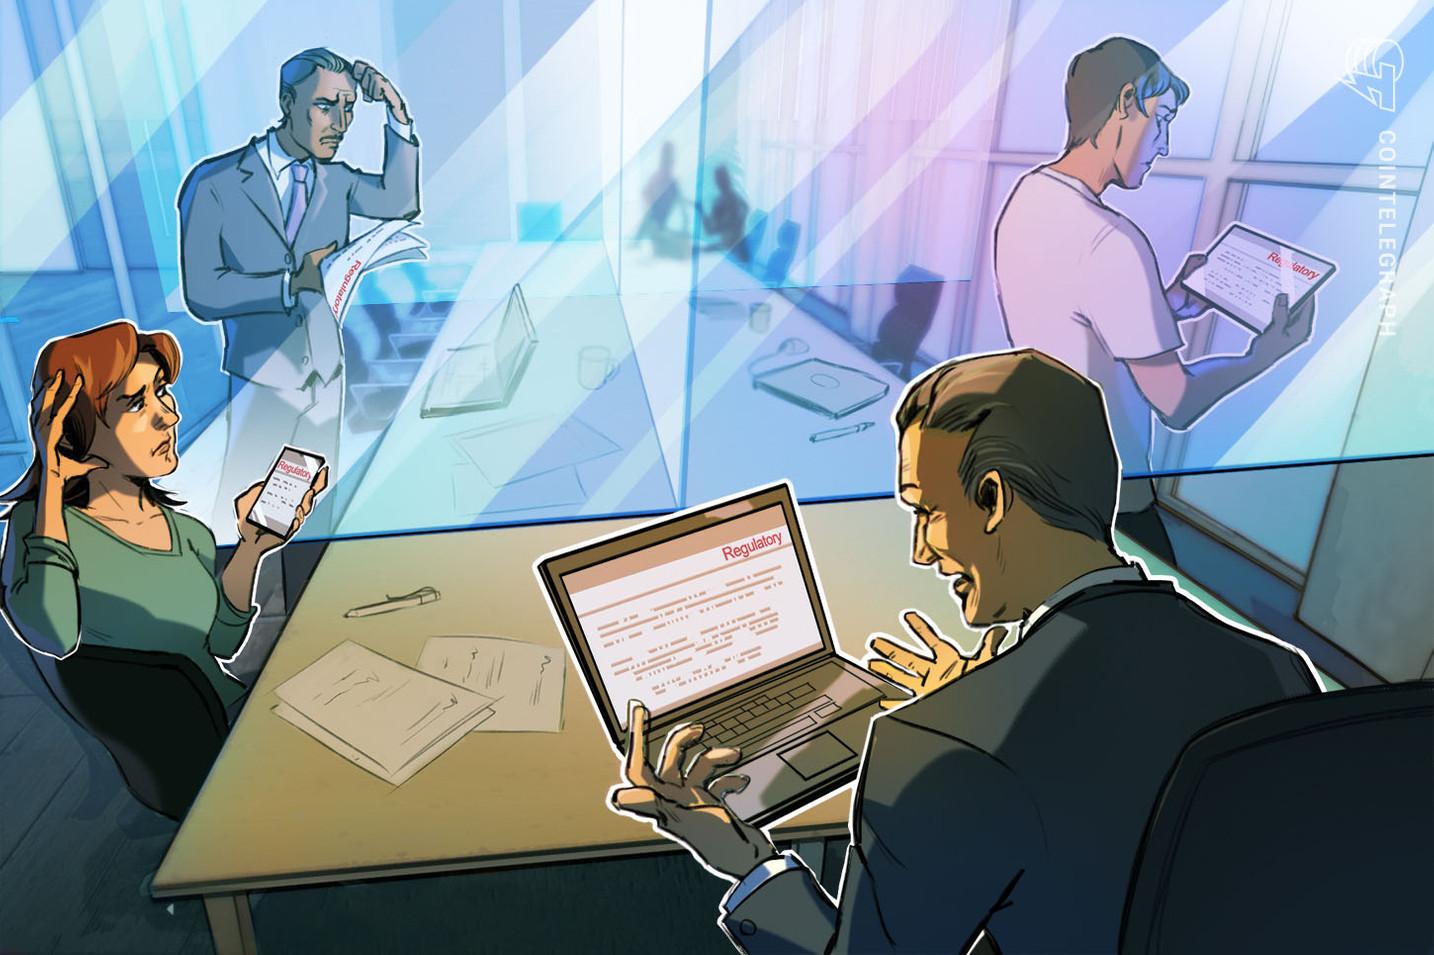 هيئة الأوراق المالية والبورصات وهيئة تنظيم الصناعة المالية الأمريكية ستناقشان الأصول الرقمية في اجتماع مشترك للوسطاء/الوكلاء في يونيو